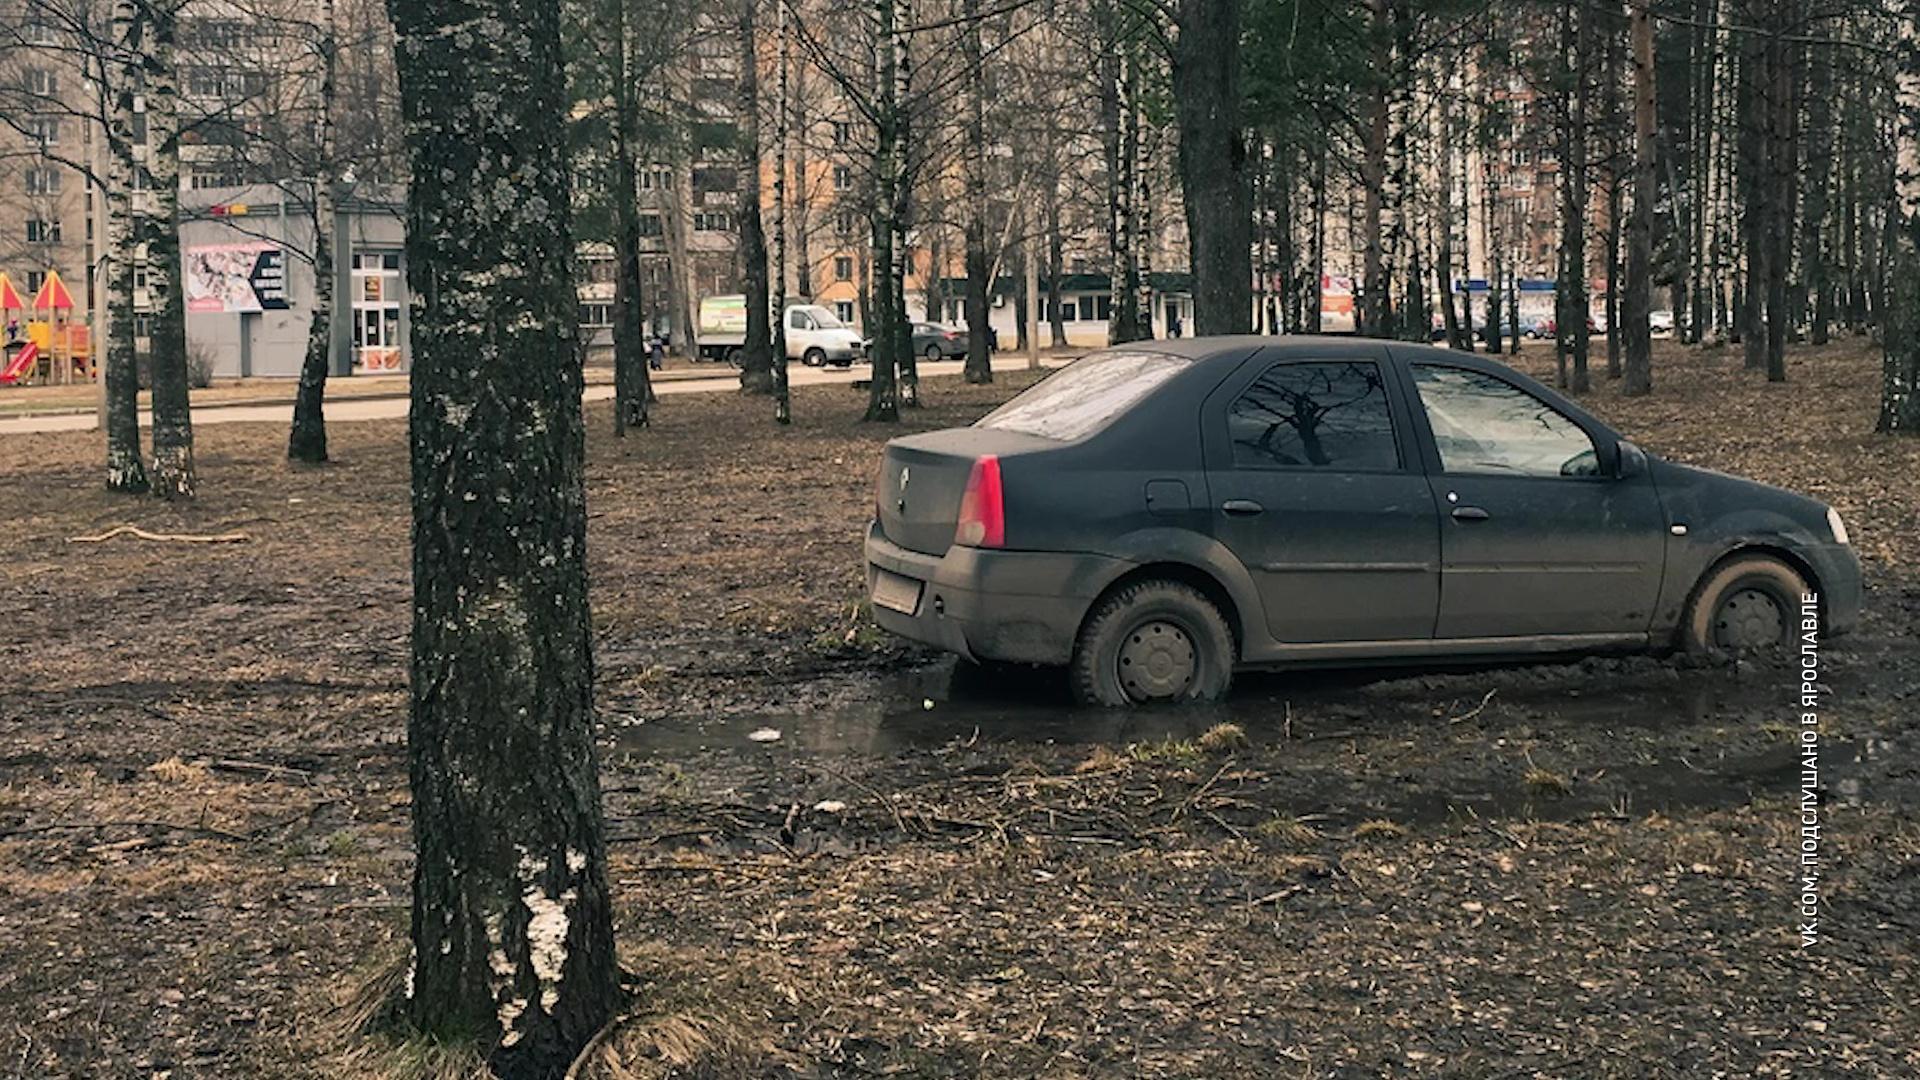 Мгновенная карма: ярославец попытался объехать пробку и увяз в грязи